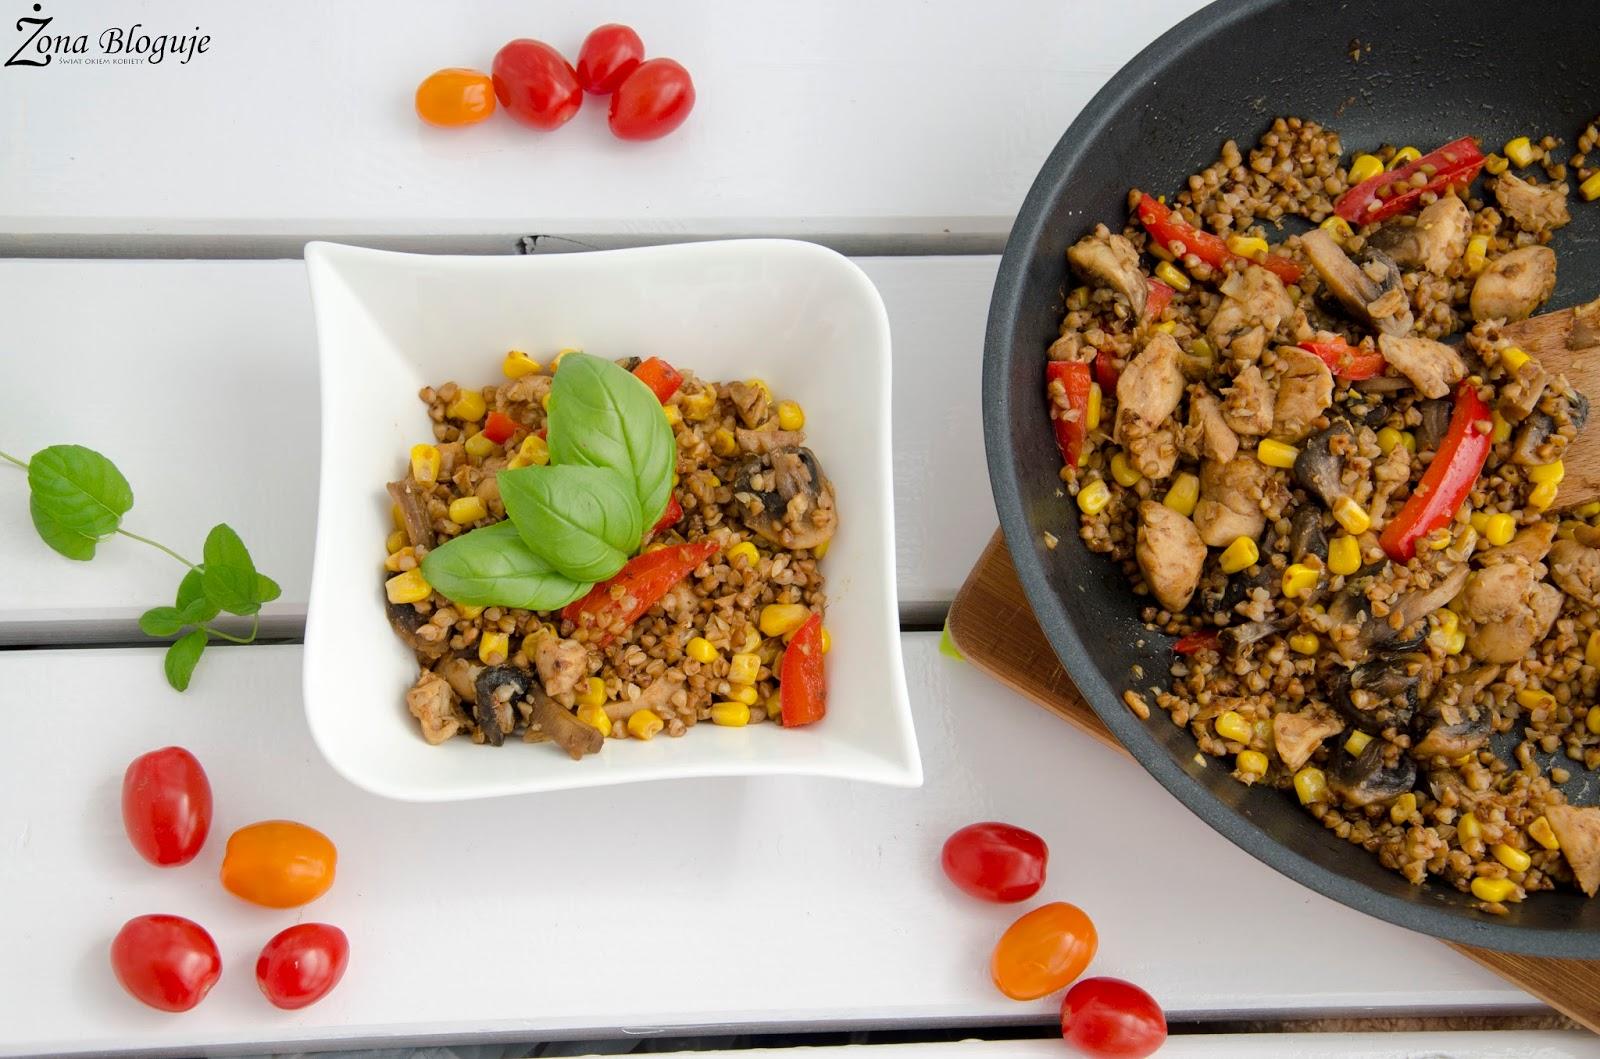 Mój powrót do zdrowego odżywiania + fit przepis na obiad